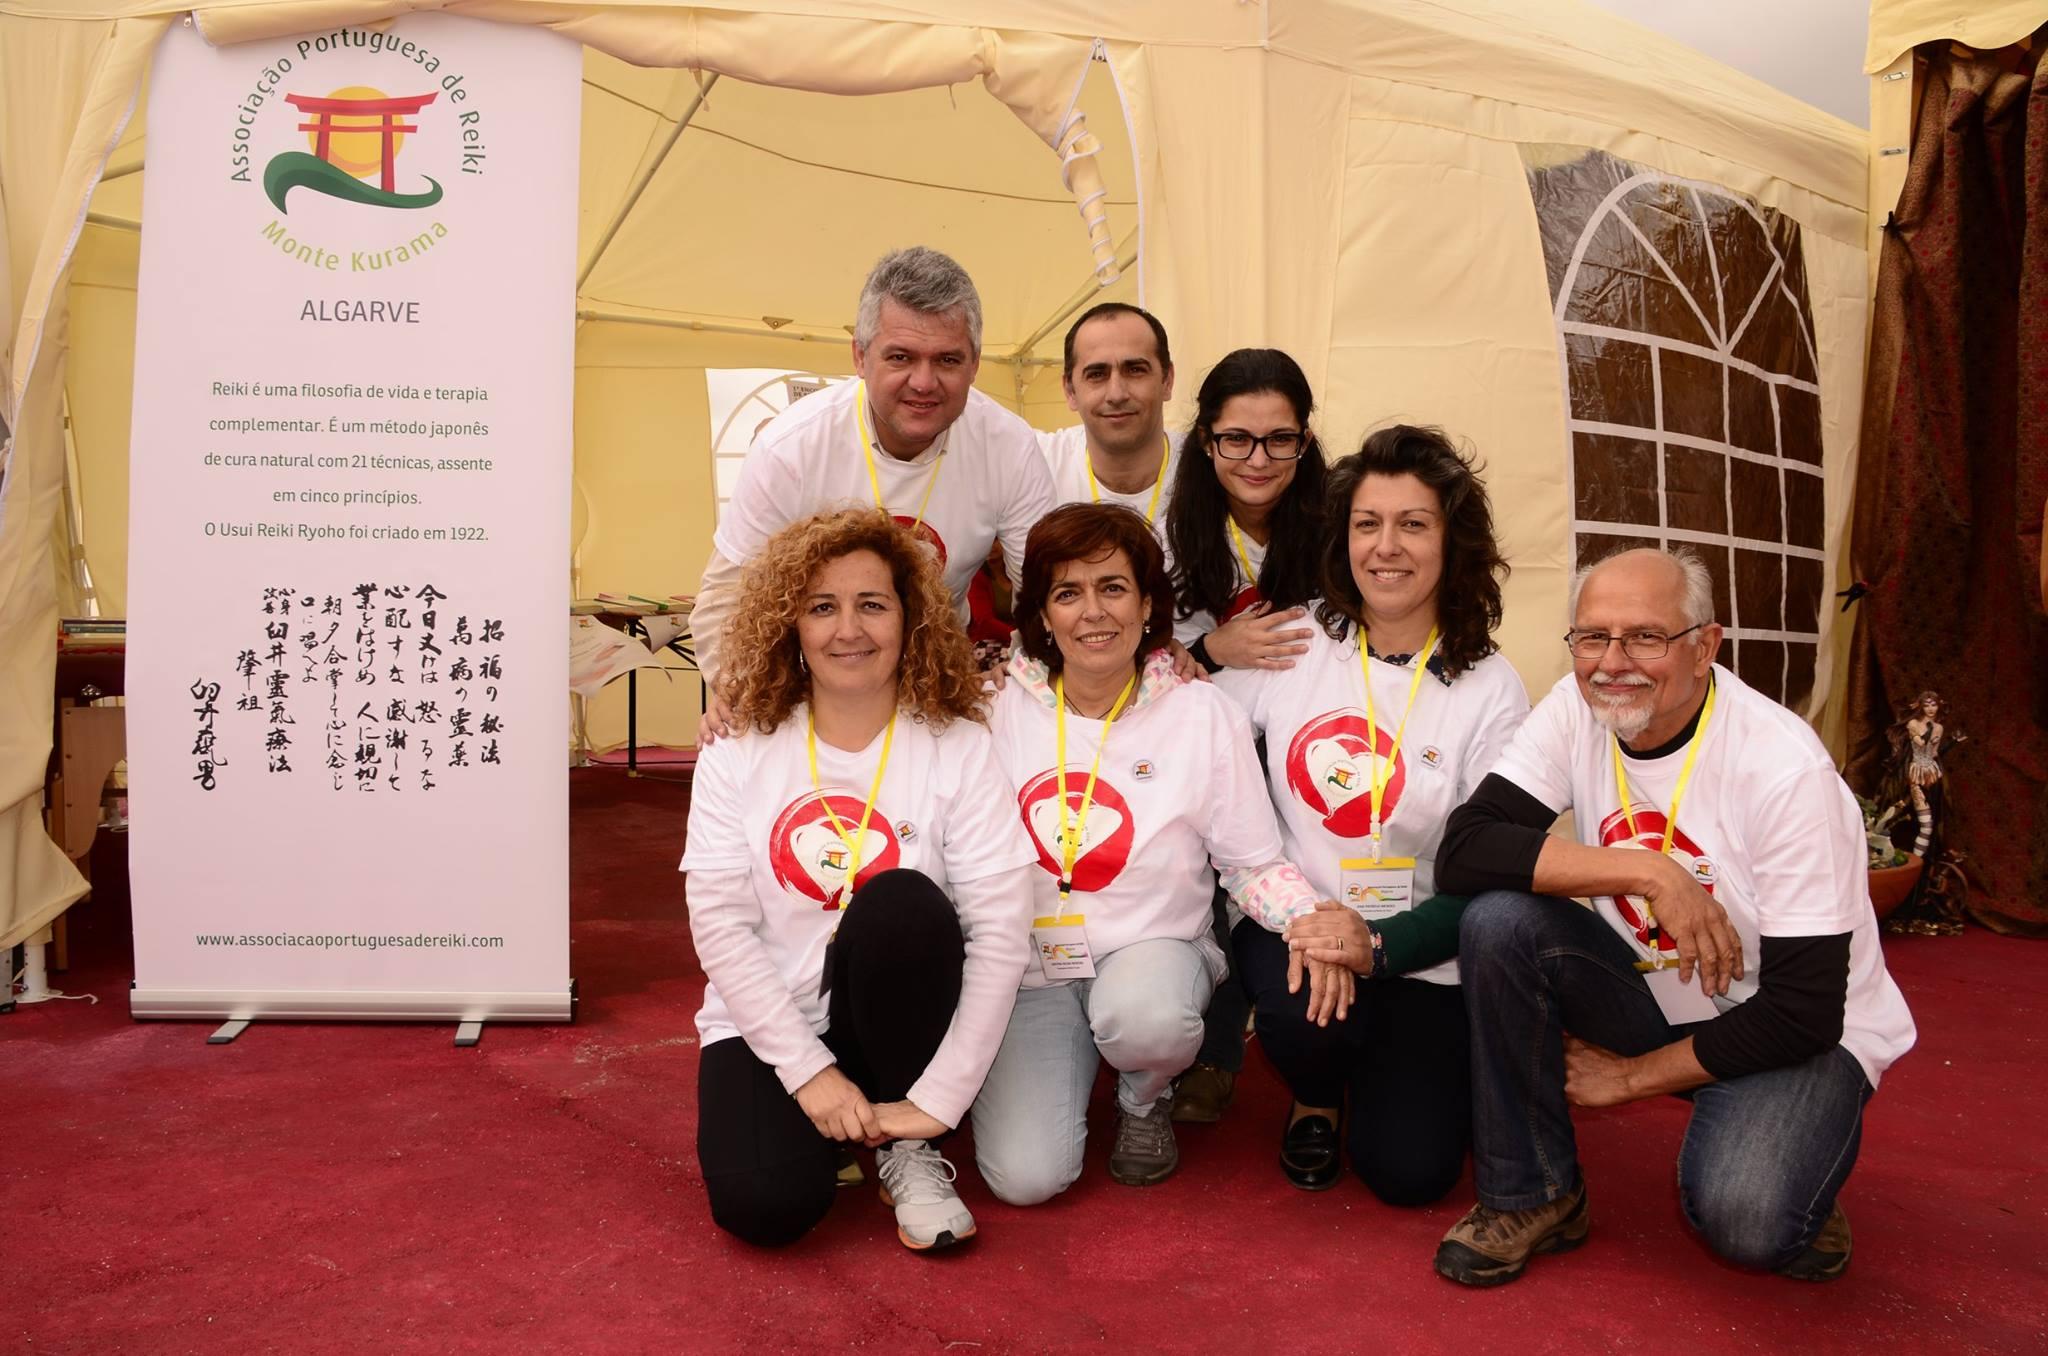 O trabalho da Associação Portuguesa de Reiki no Algarve